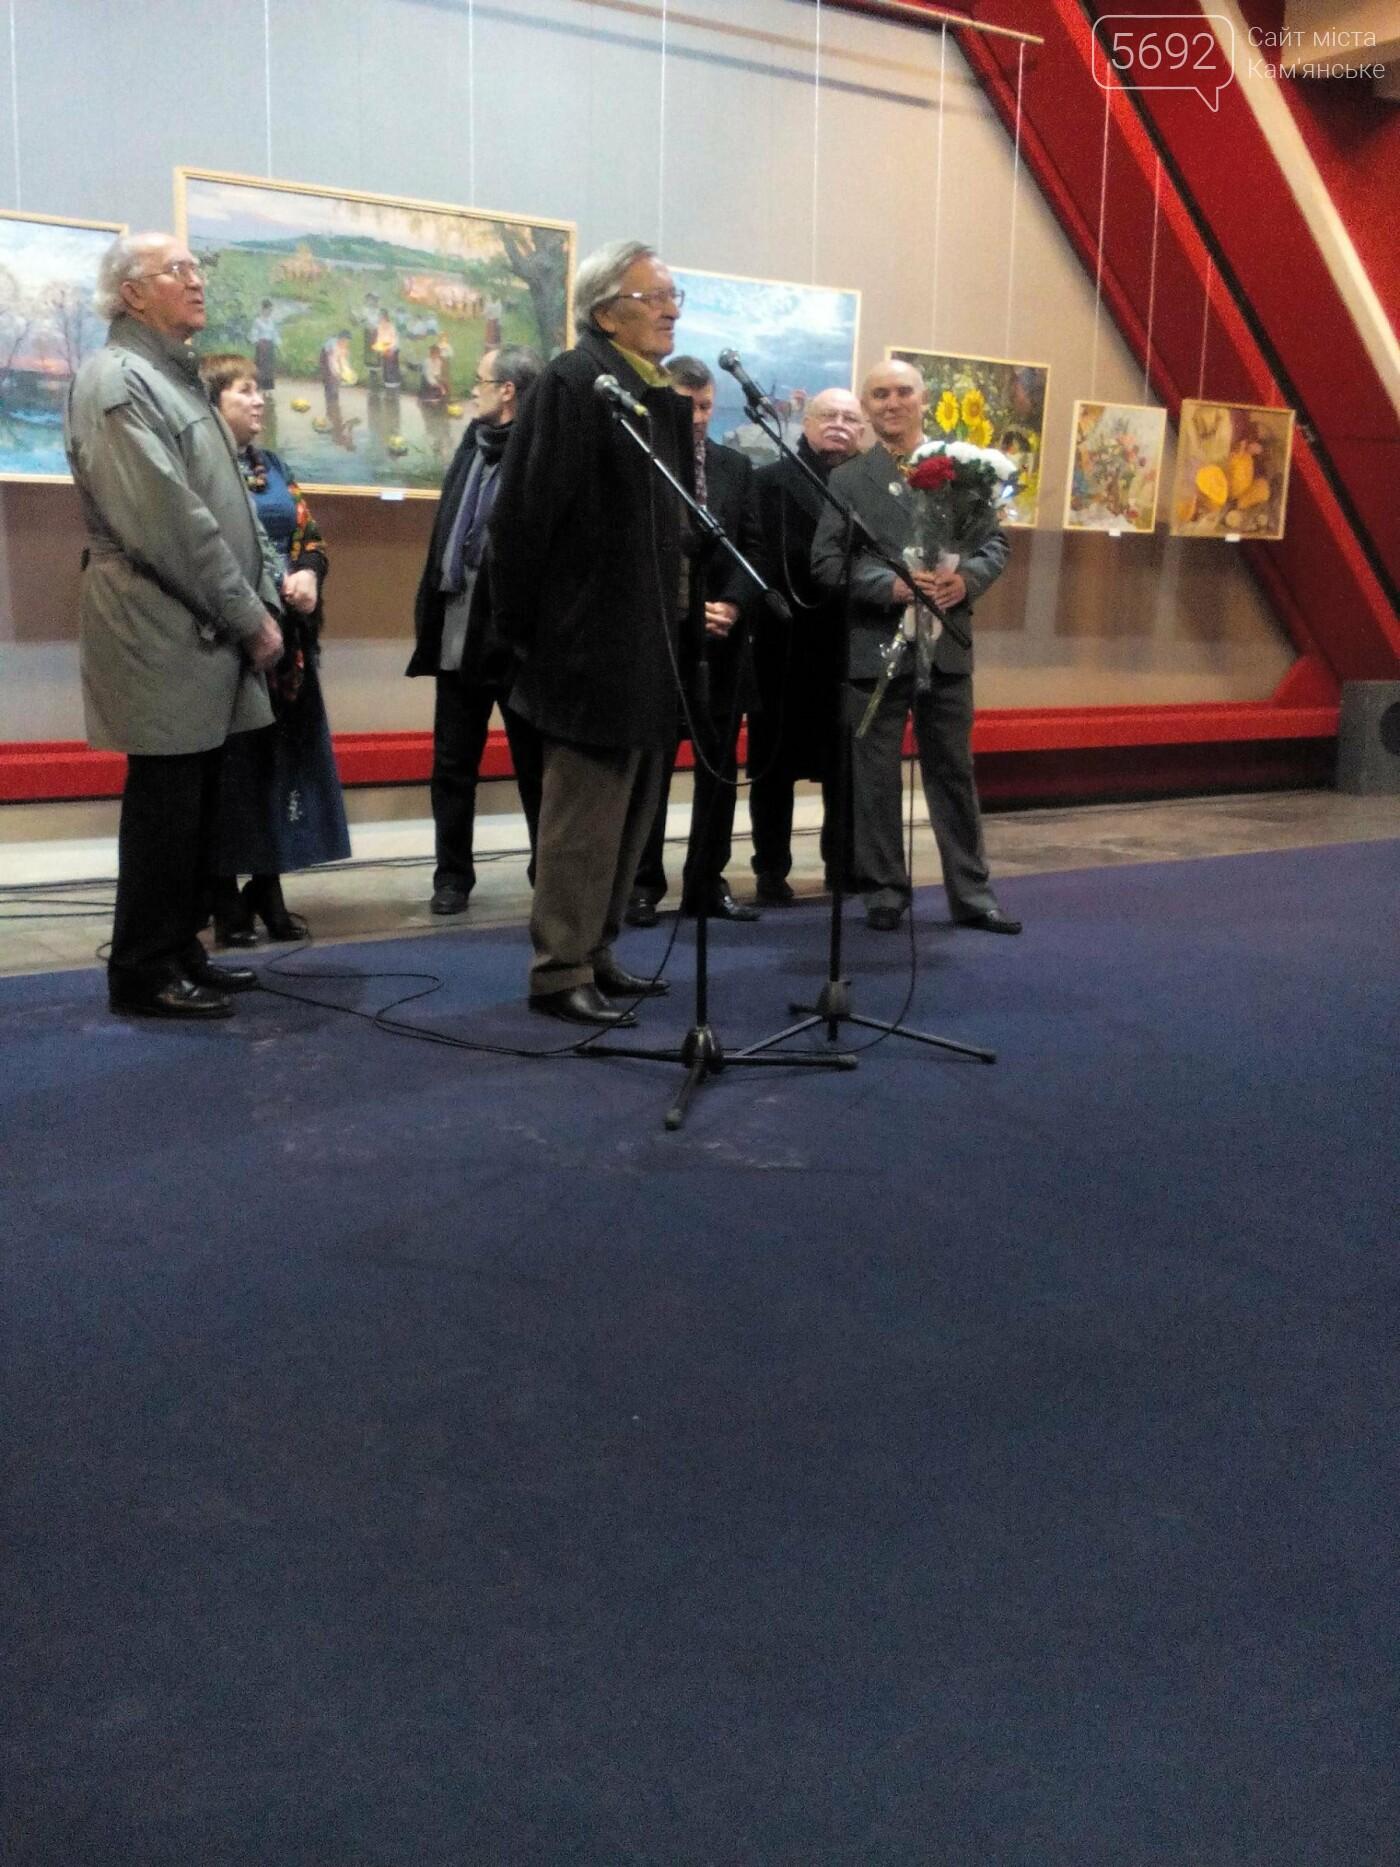 В Каменском открылась юбилейная выставка известного художника Анатолия Жежера, фото-1